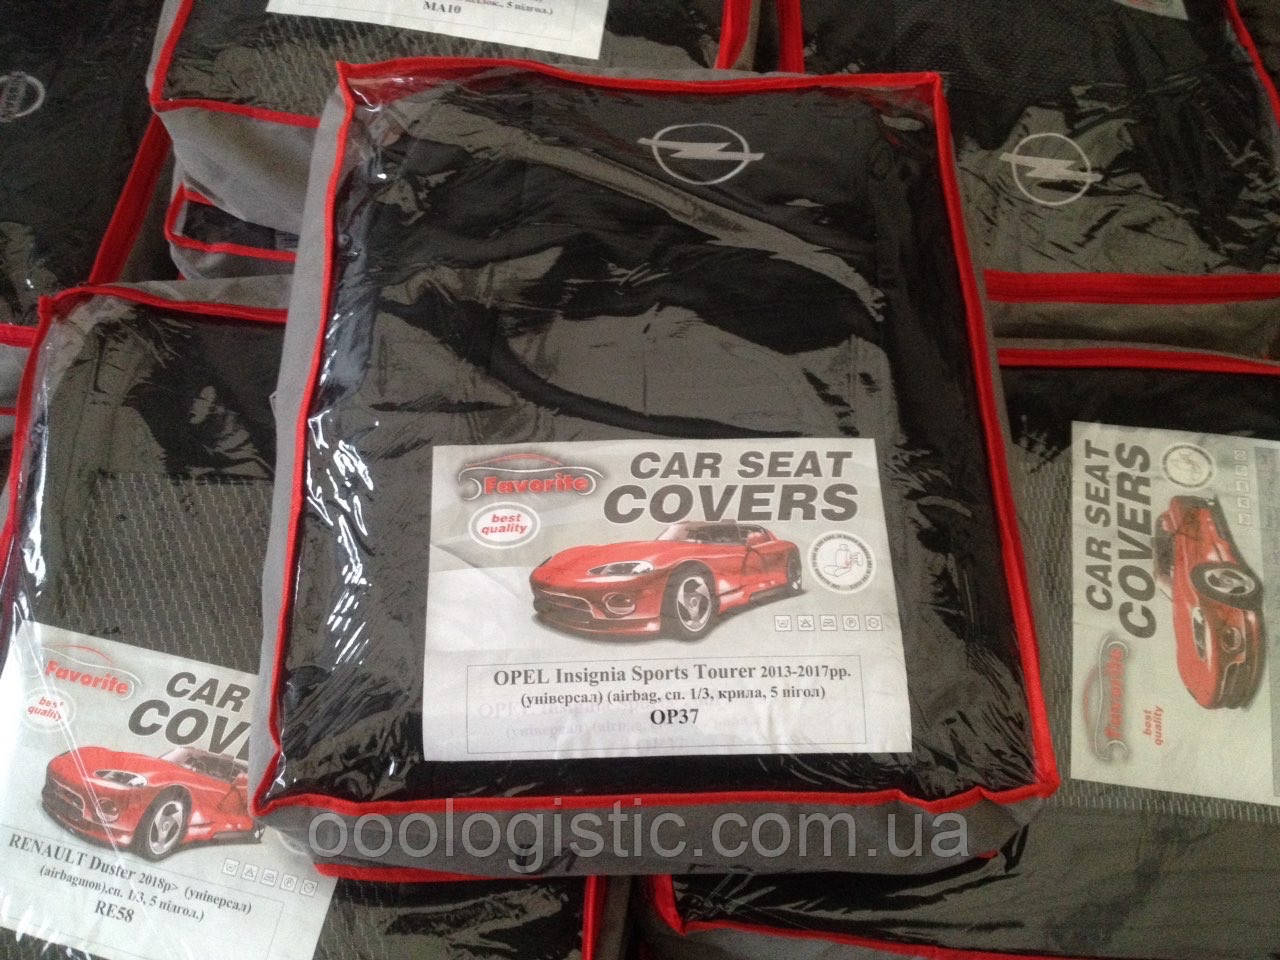 Авточехлы Favorite на Opel Insignia Sports Tourer  2013-2017 универсал,Опель Инсигния Спорт Турер